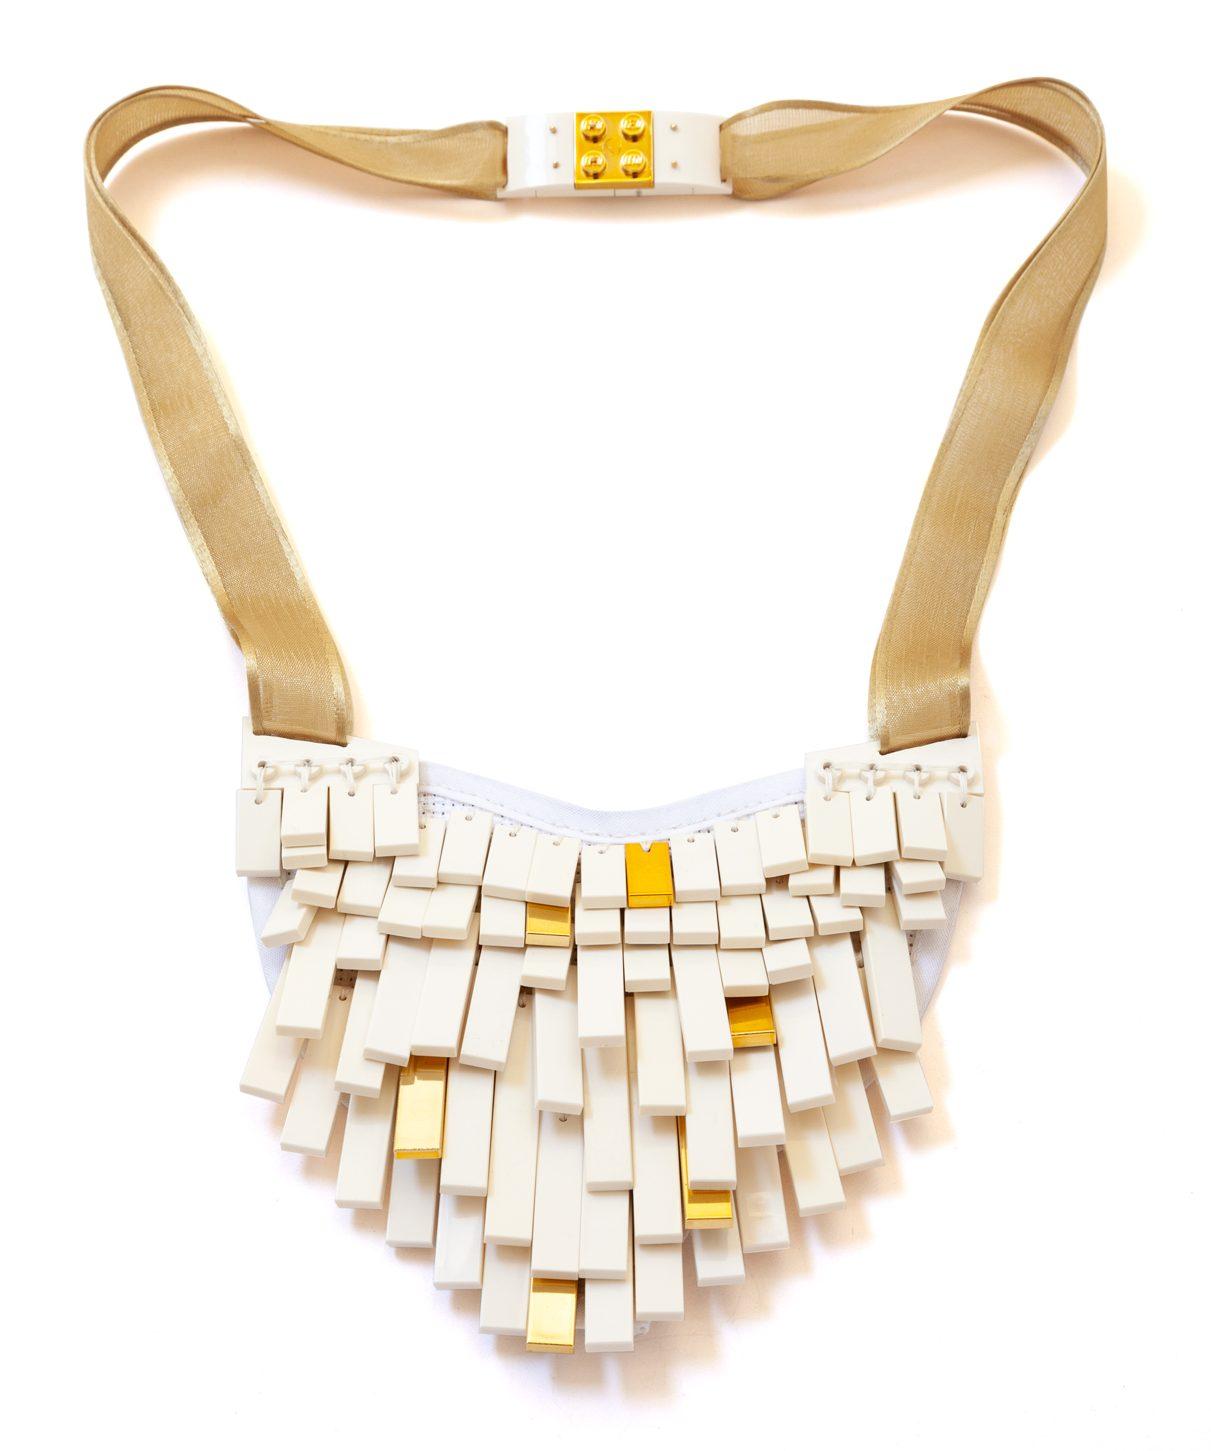 Emiko Oye, Prettiest Star Wing, halssieraad. Foto met dank aan Emiko Oye, LEGOstenen, katoen, metaal, zijde, goud, nylon, polyester